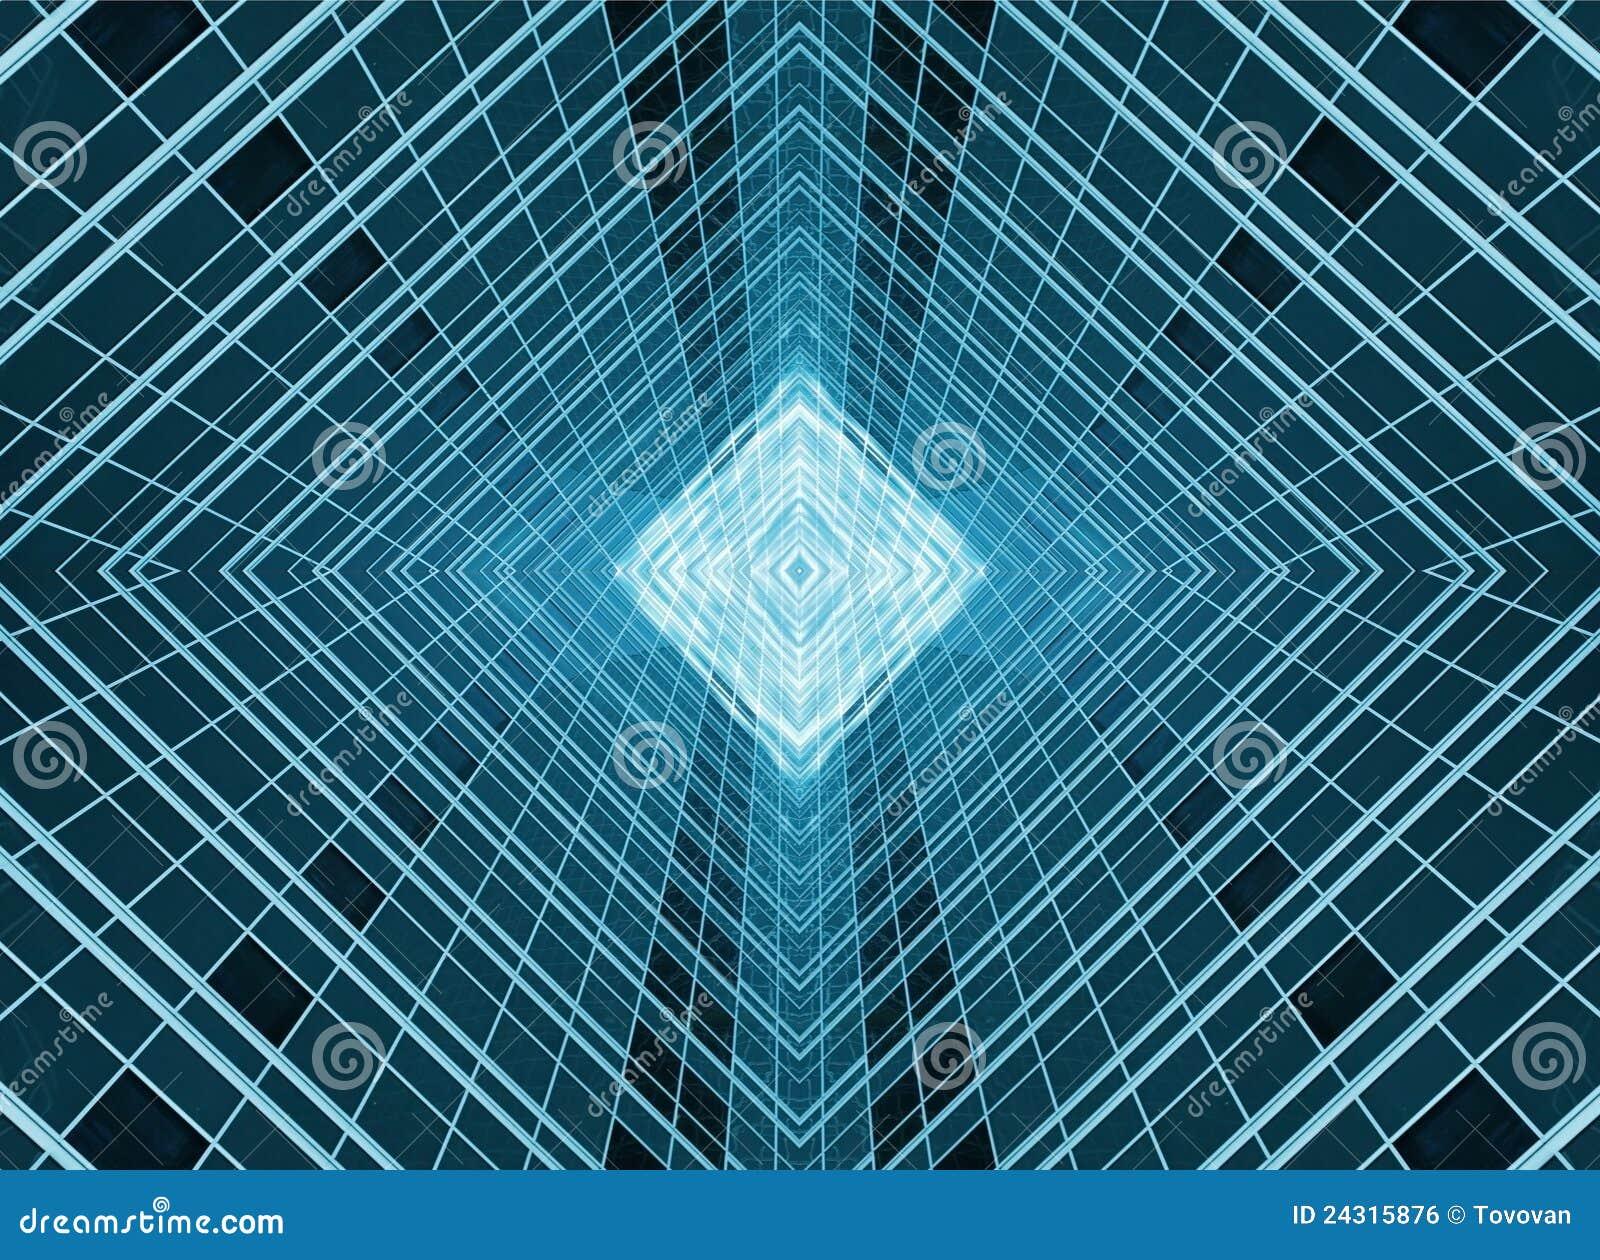 Fondo abstracto de las ventanas de cristal